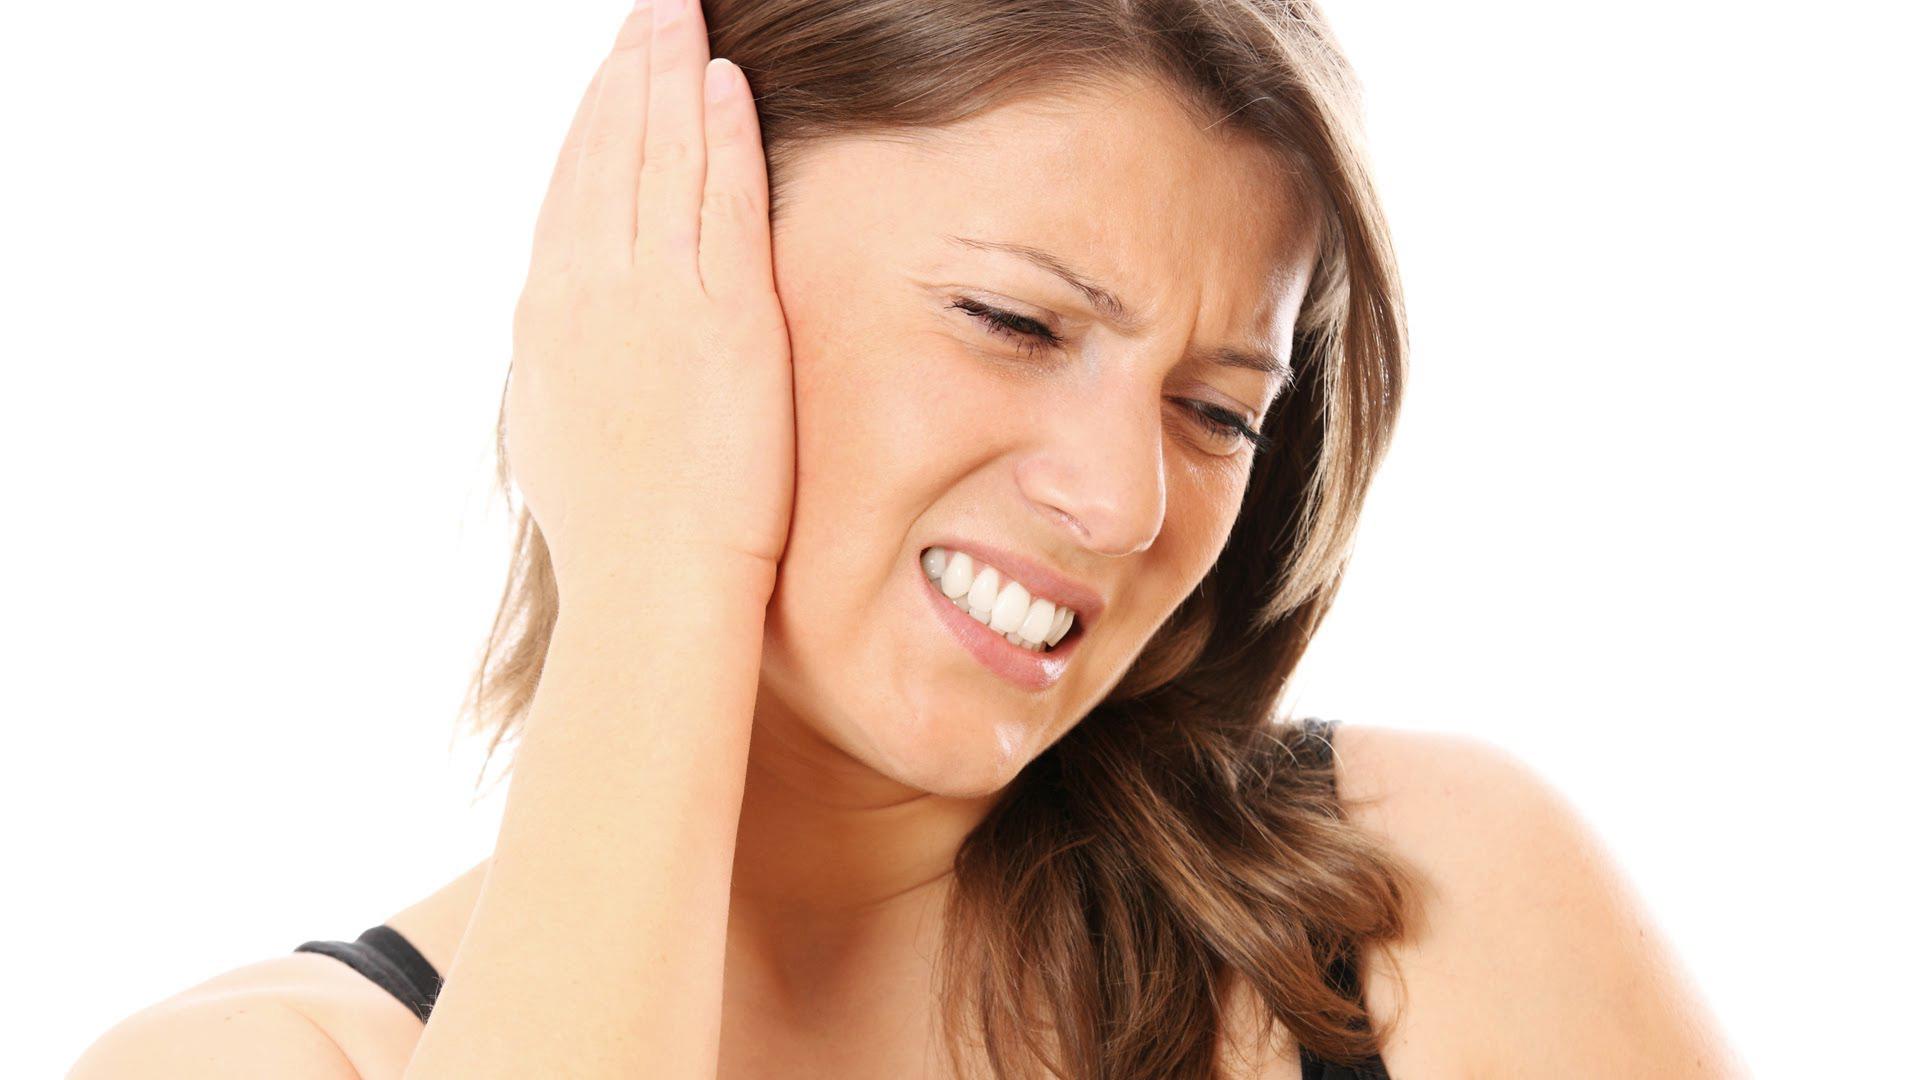 remedios caseros para aliviar el dolor de oído